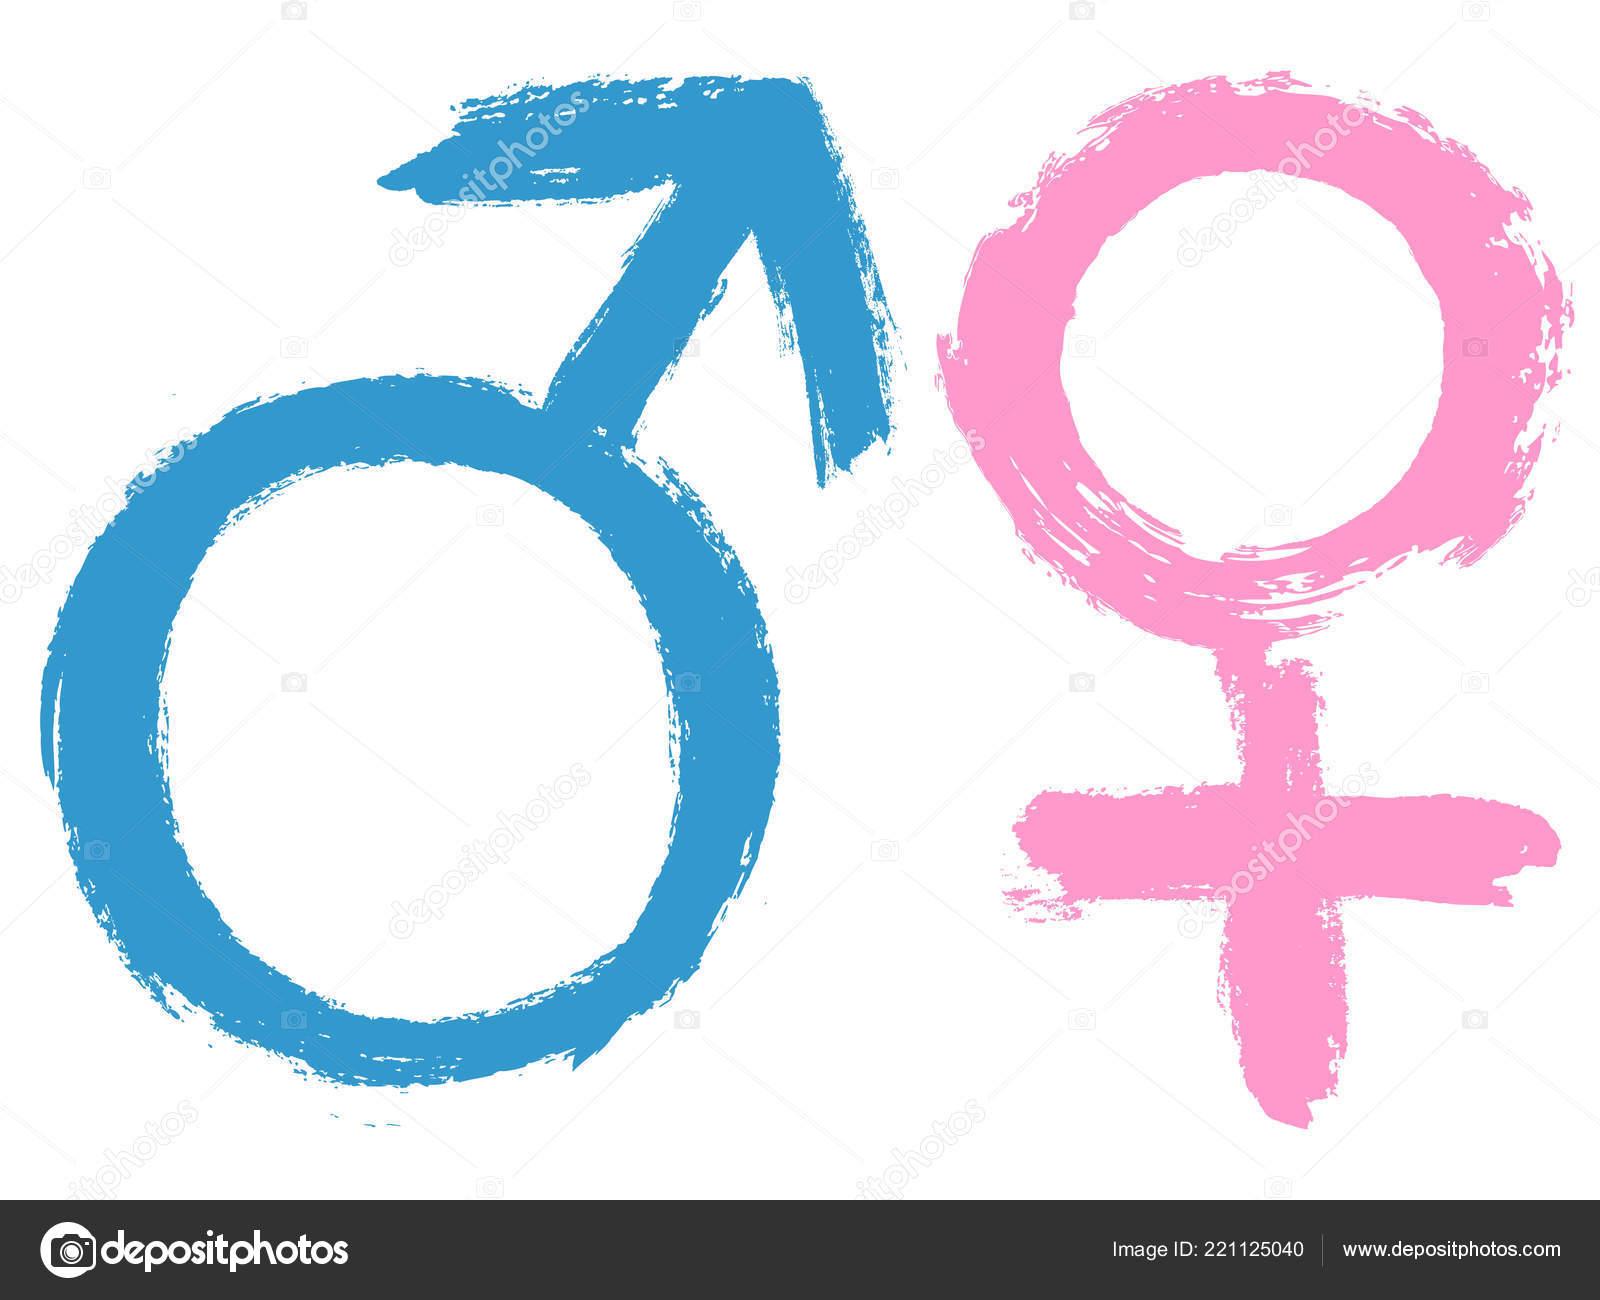 διαφυλετικός γυναίκα σεξ φωτογραφίες ώριμη σεξ βίντεο πορνό